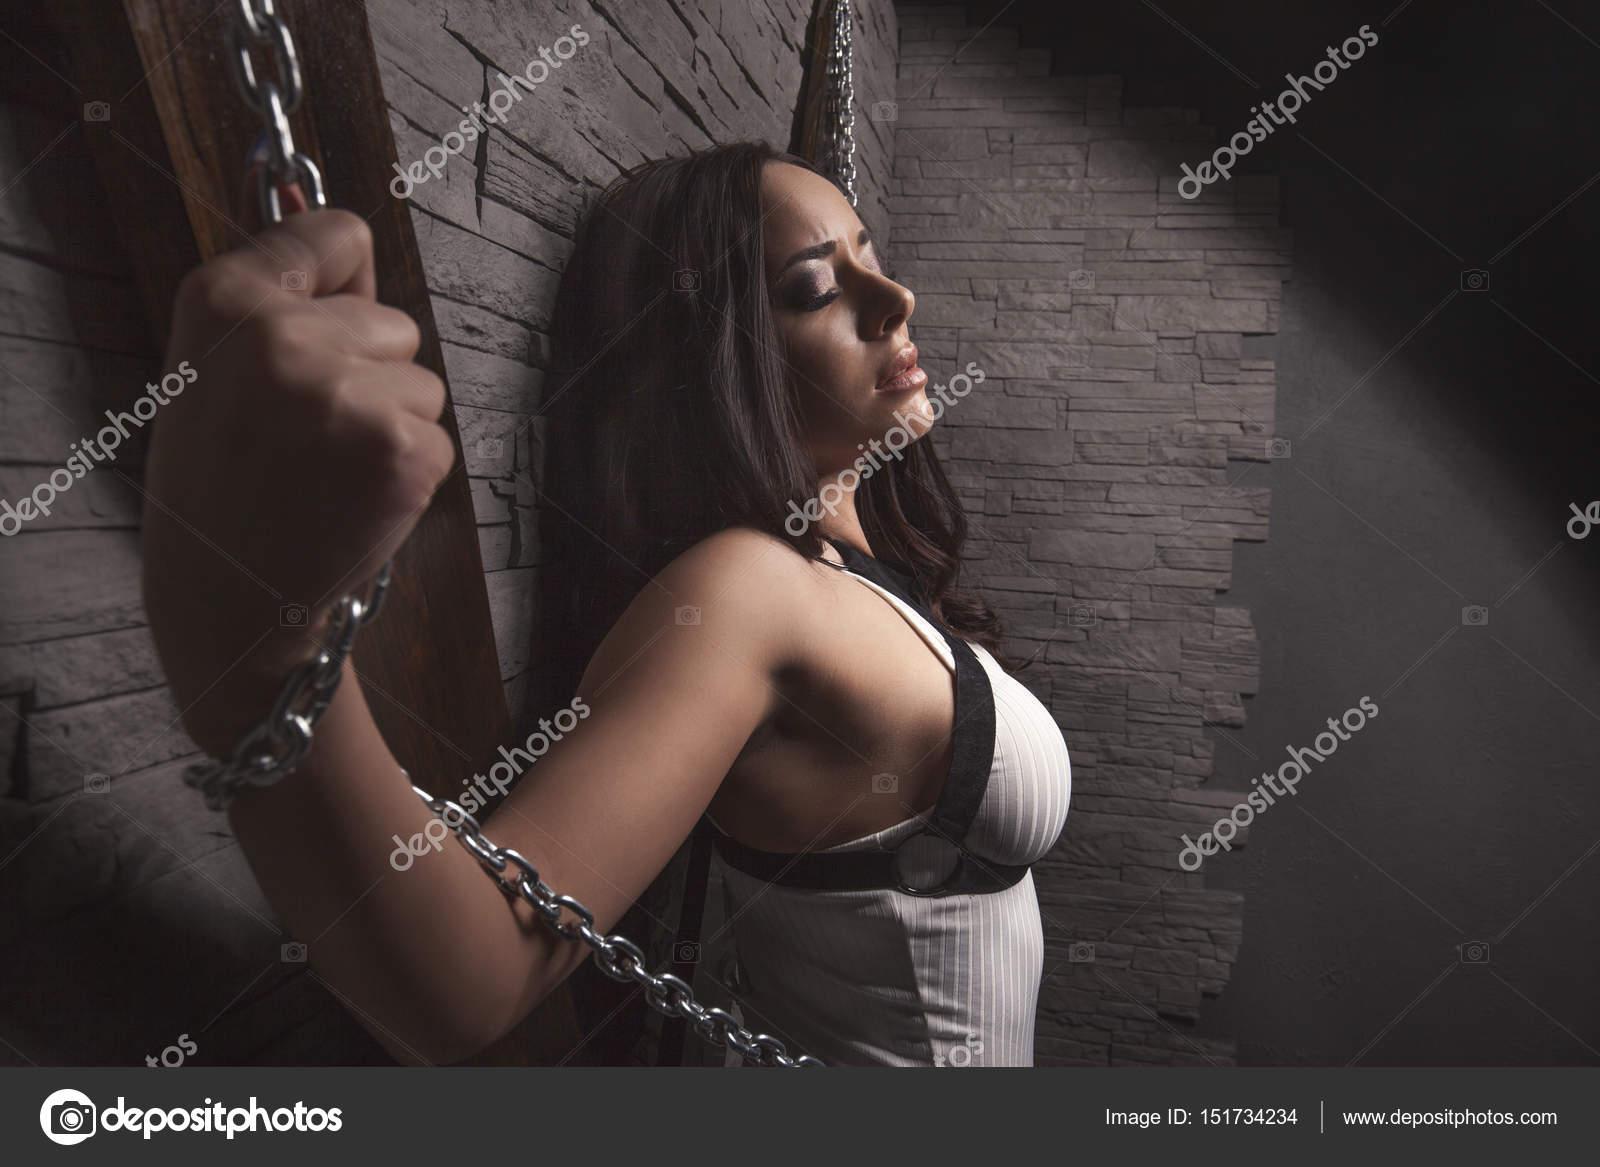 Consider, bdsm women chains